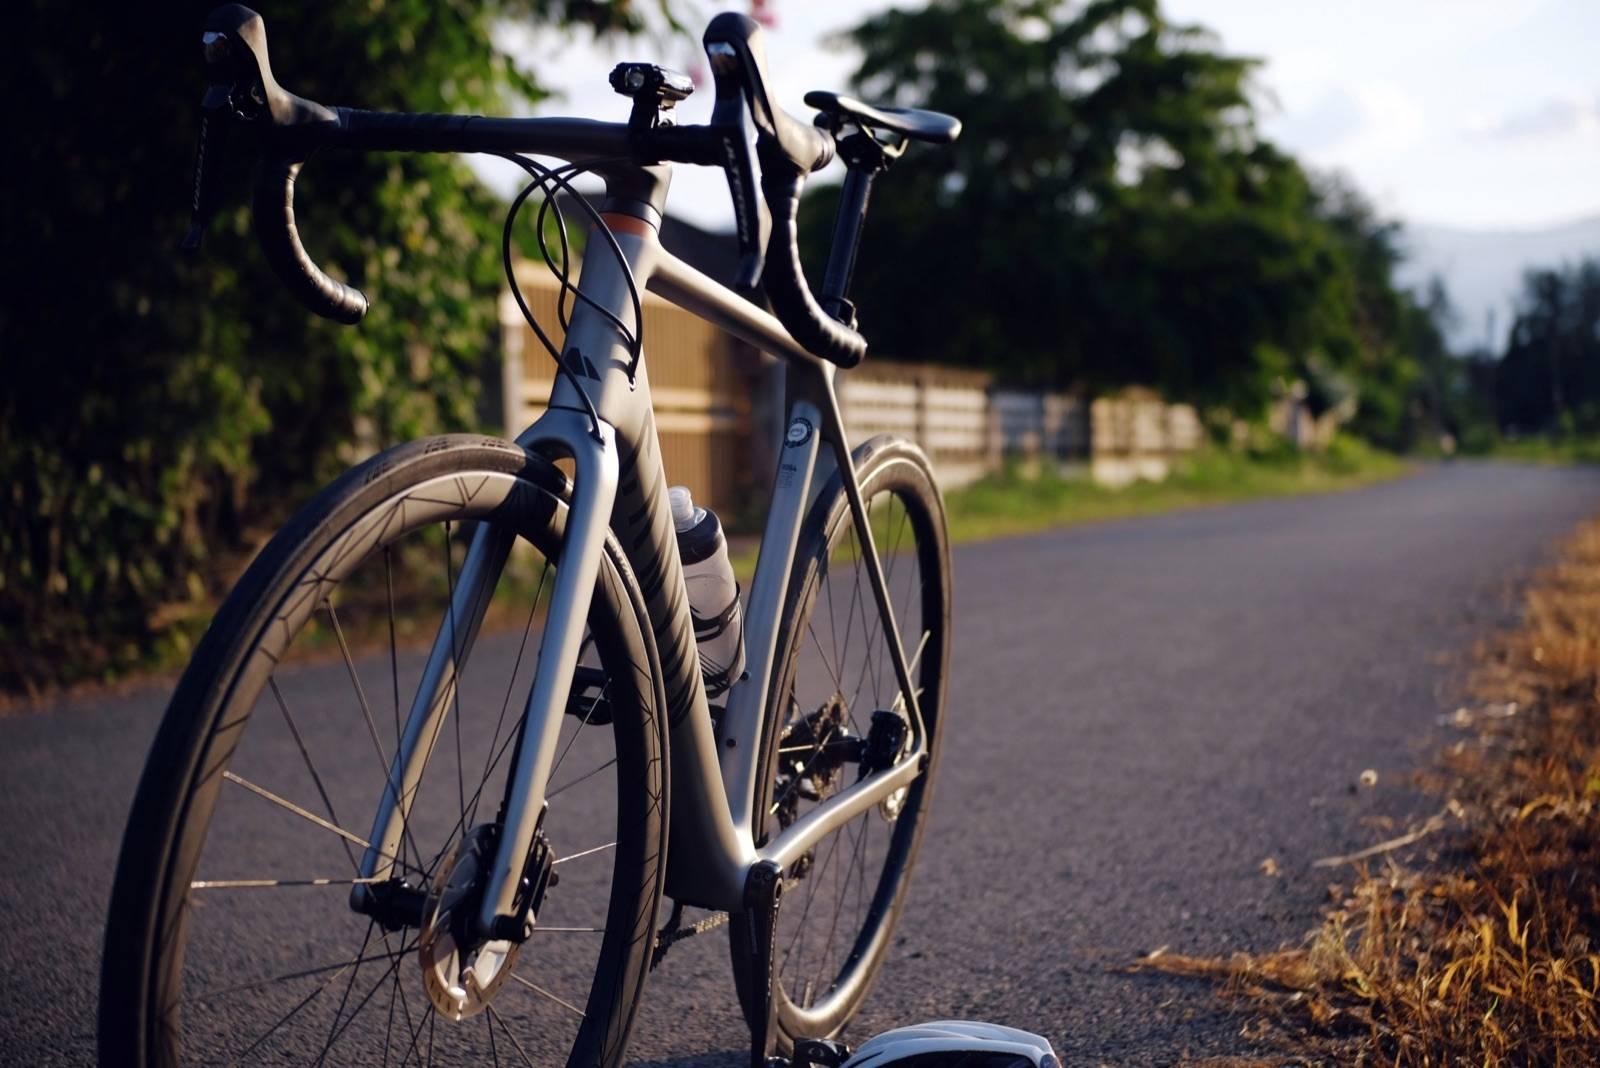 รถจักรยาน Canyon Endurace CF SL ในตอนเย็น